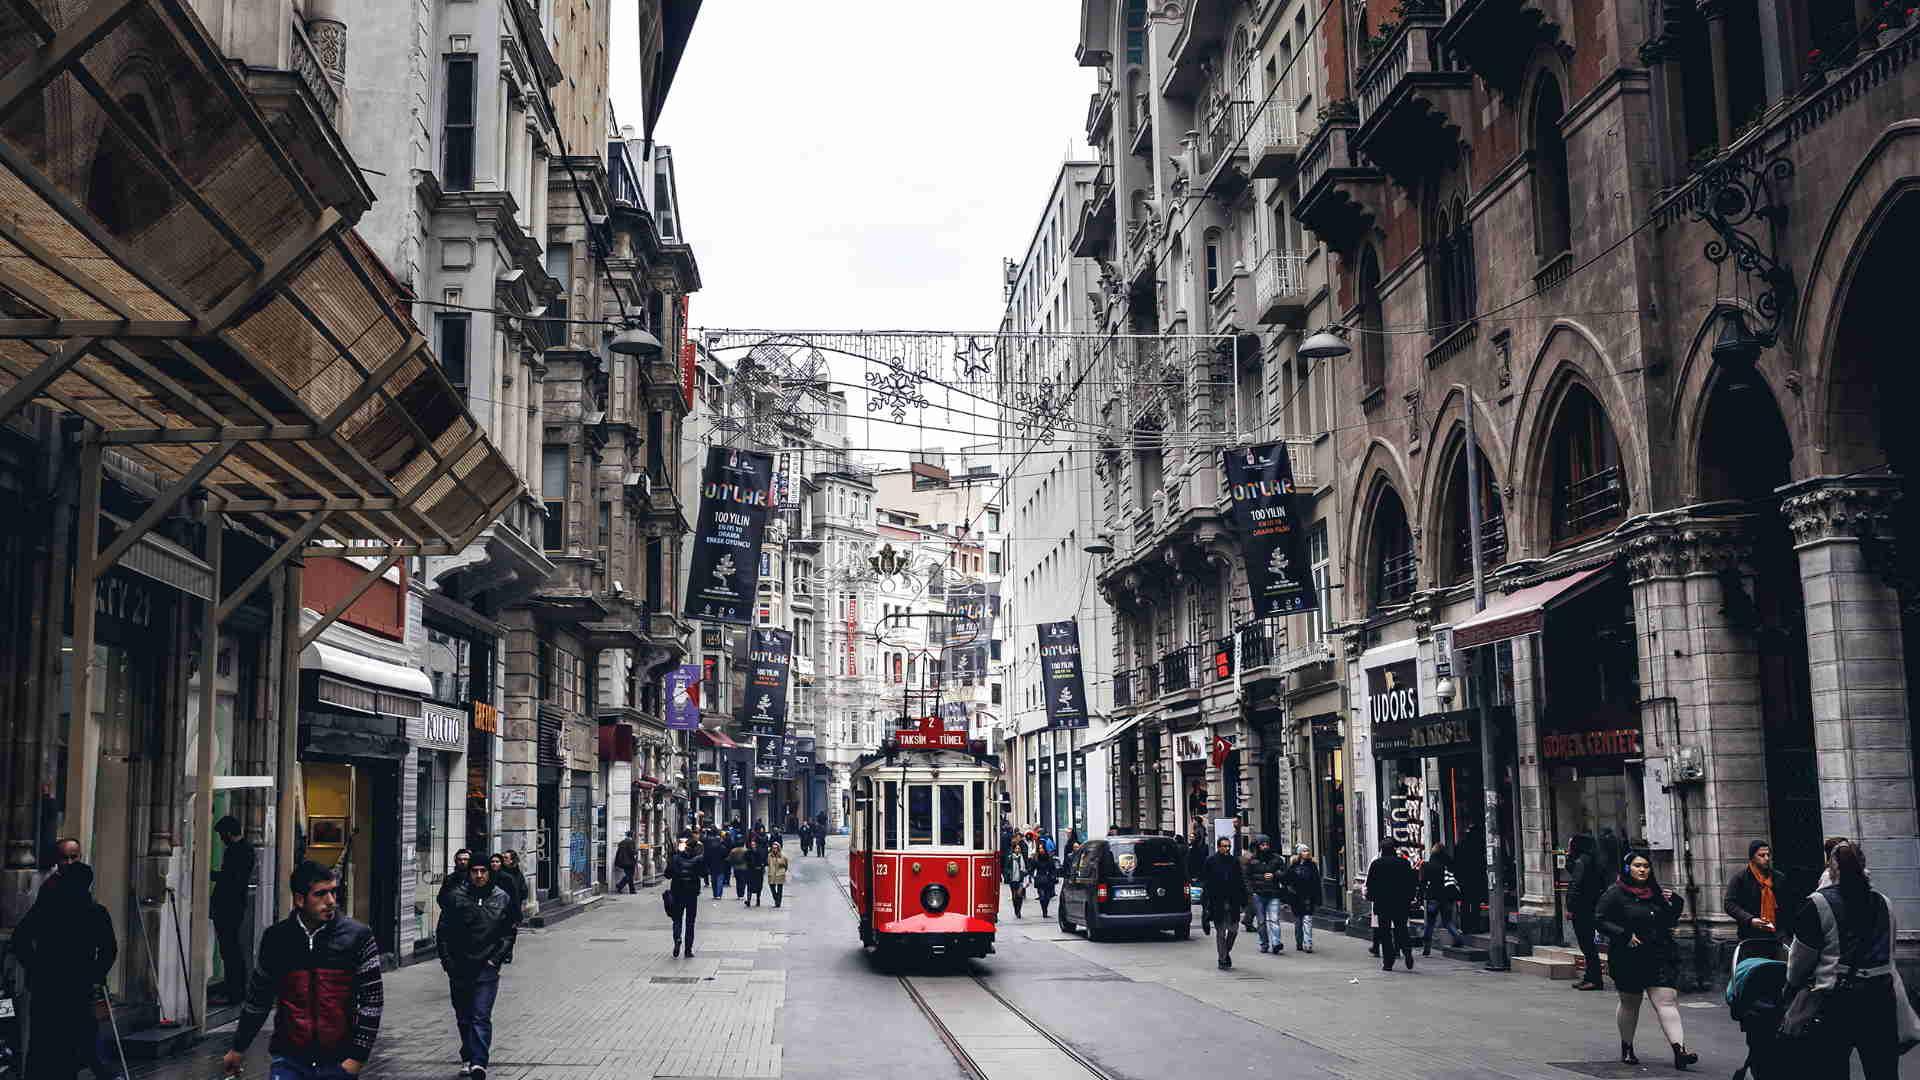 6- خیابان استقلال استانبول Istiklal Caddesi